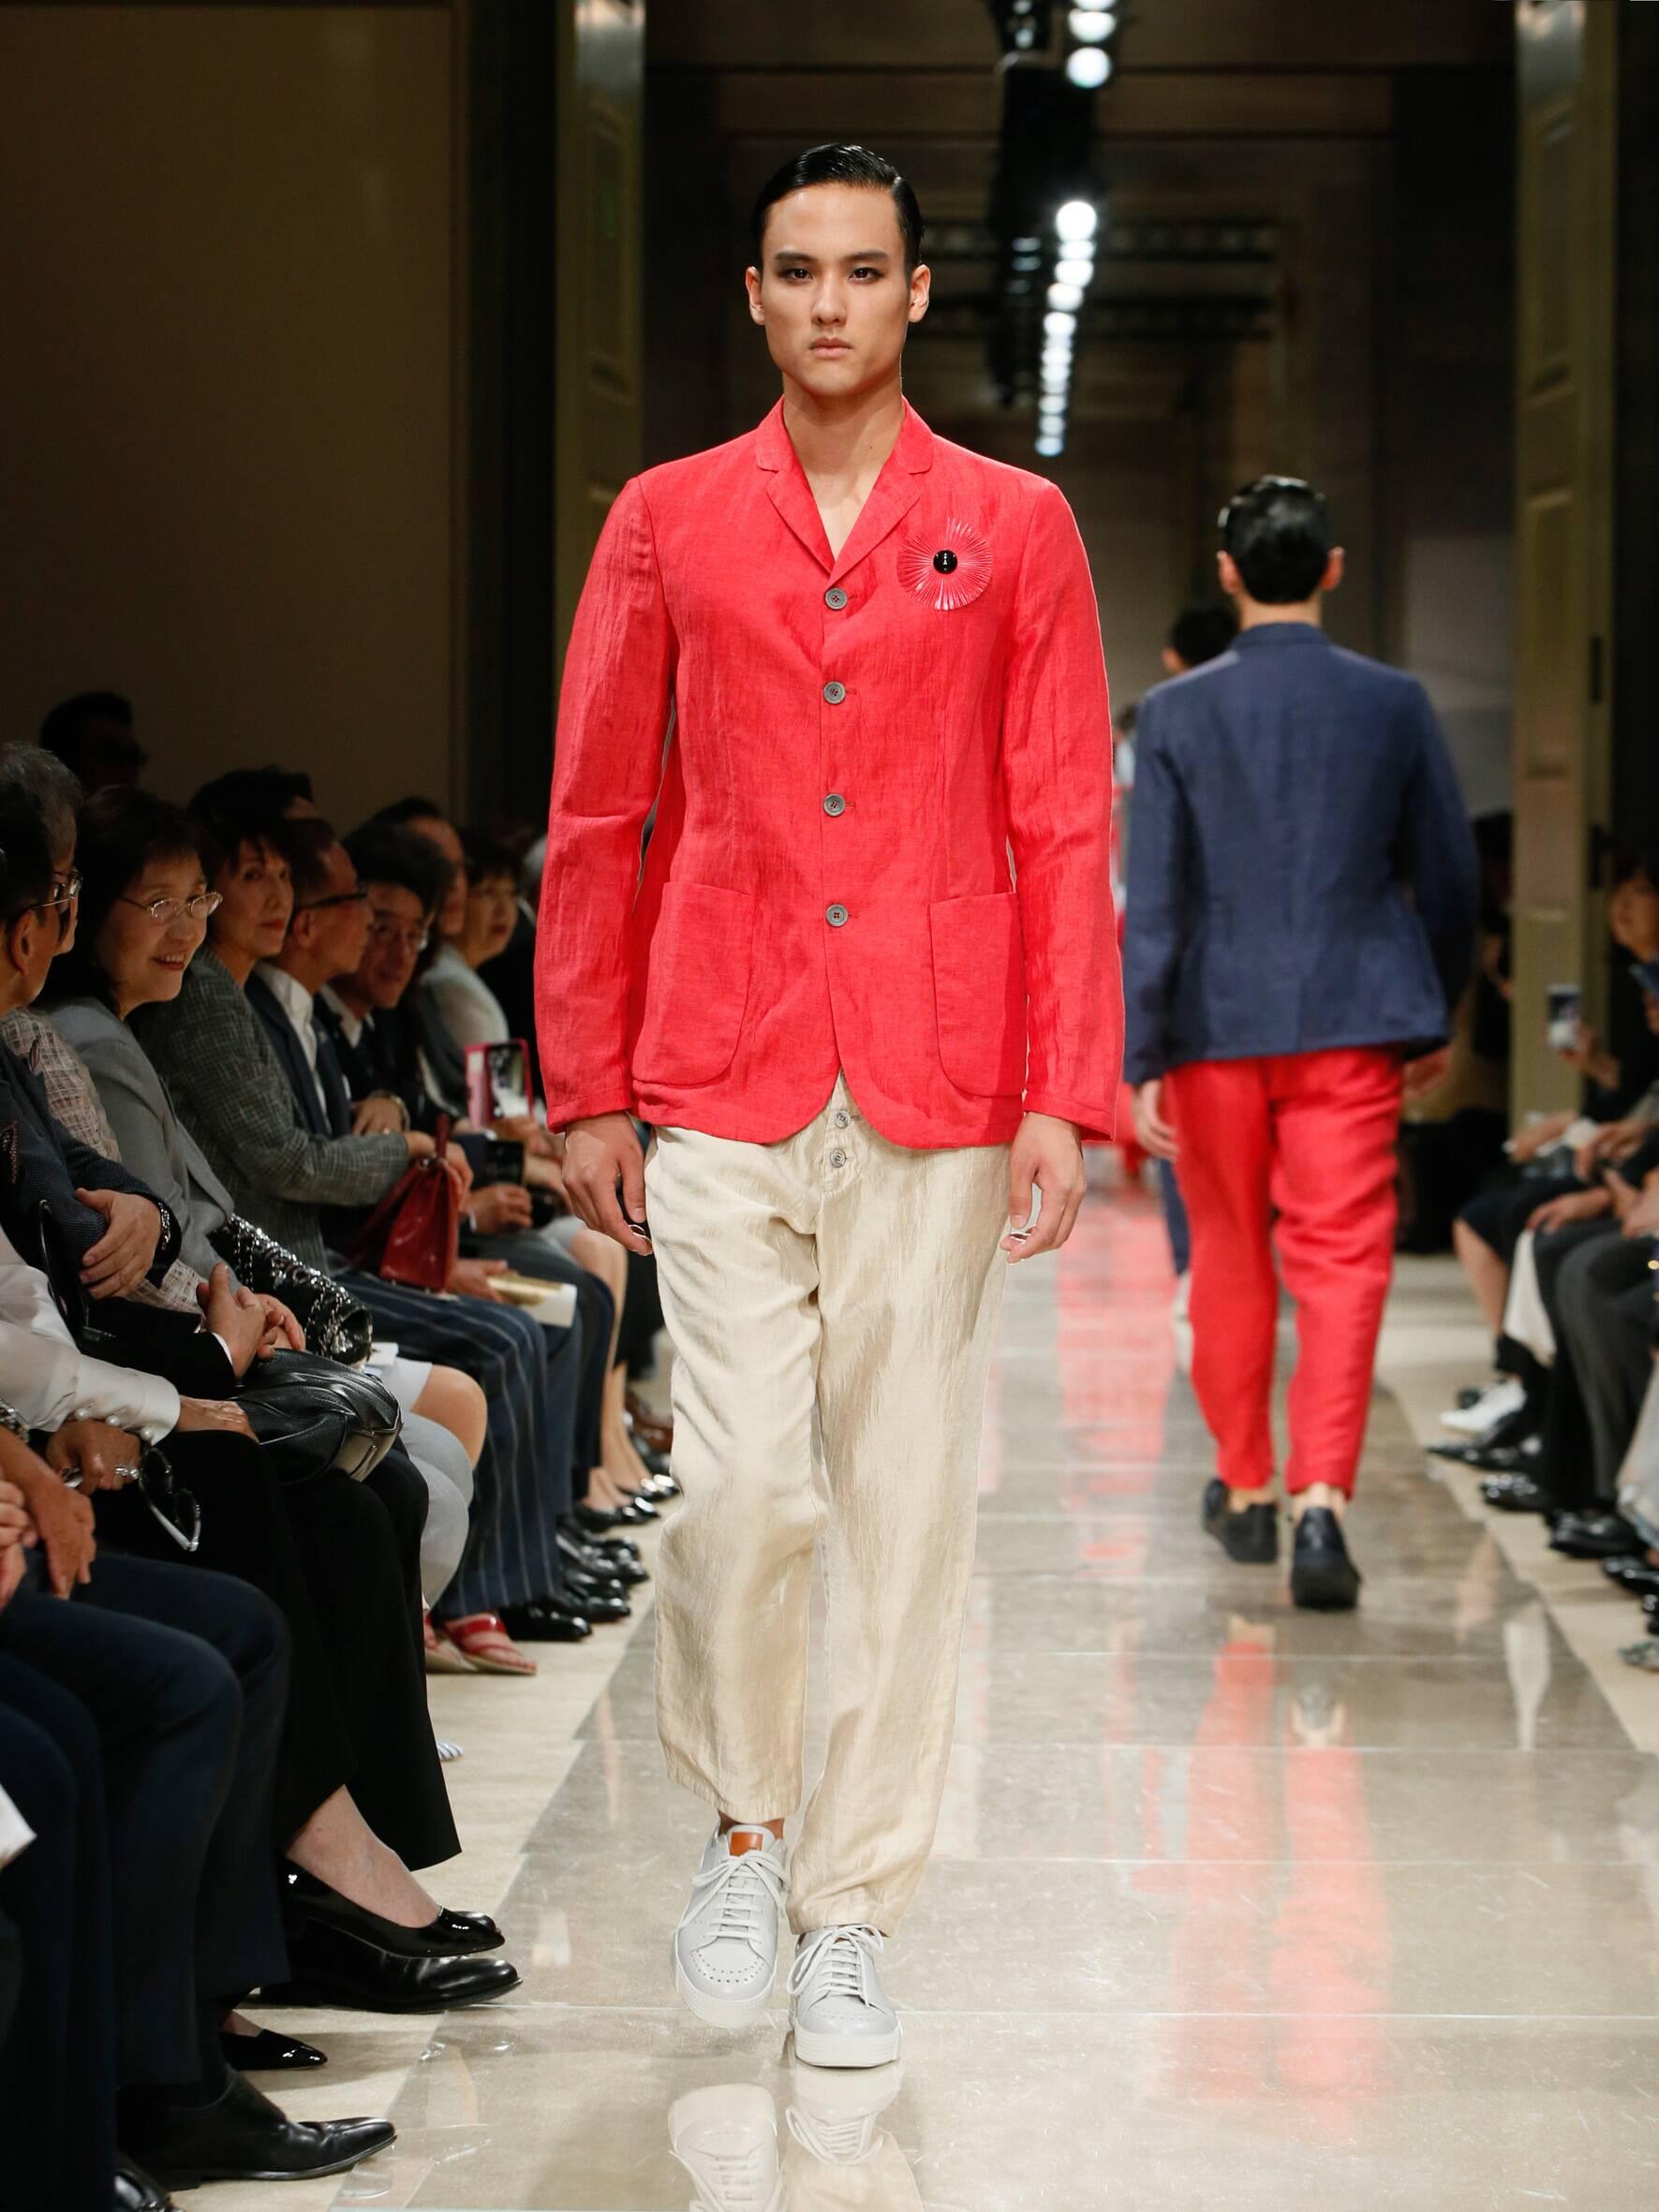 Giorgio Armani Cruise 2020 Collection Look 103 Tokyo